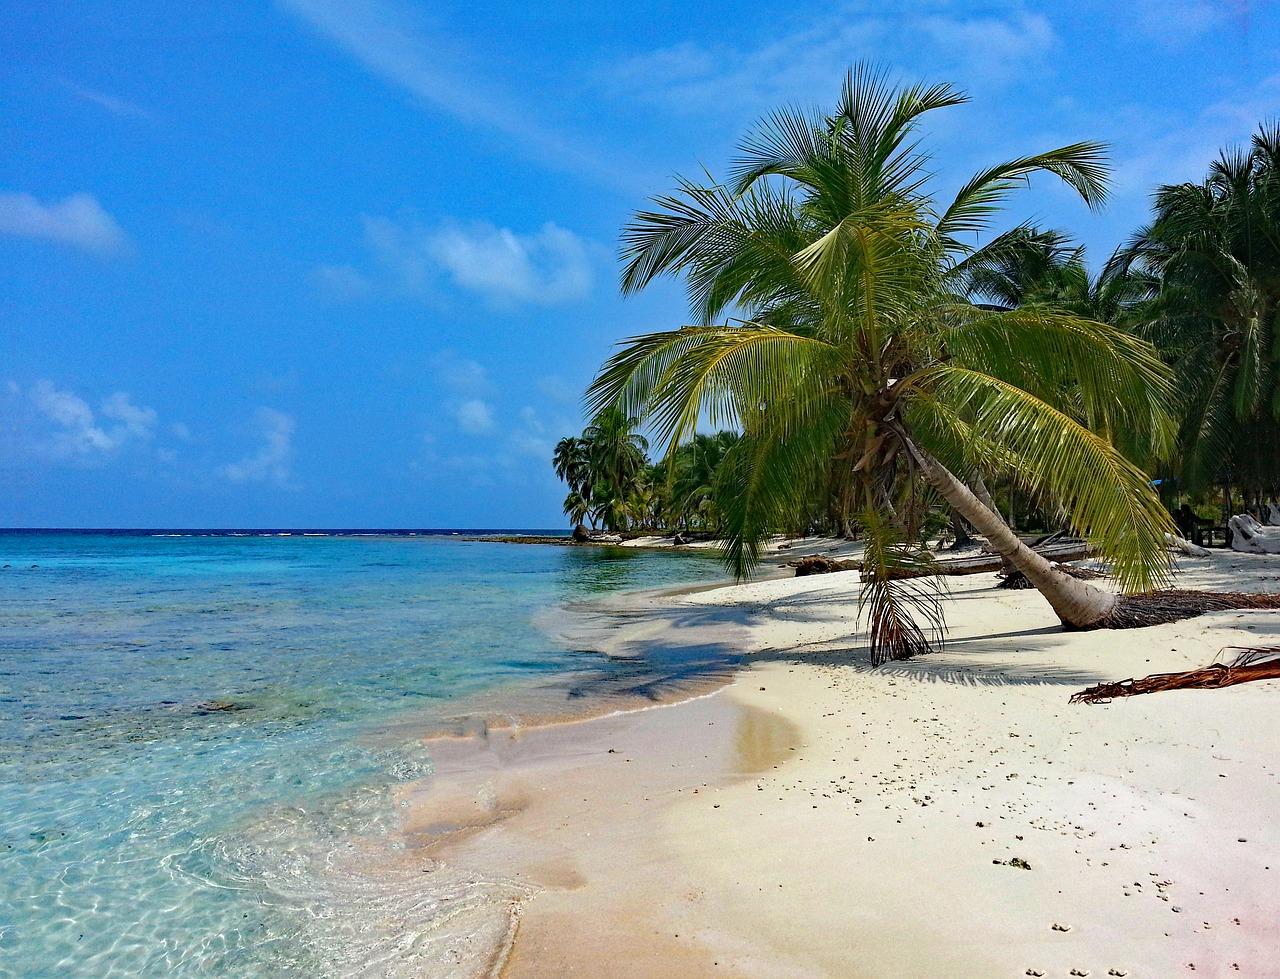 Caribische eilanden (kies er zelf maar een uit)